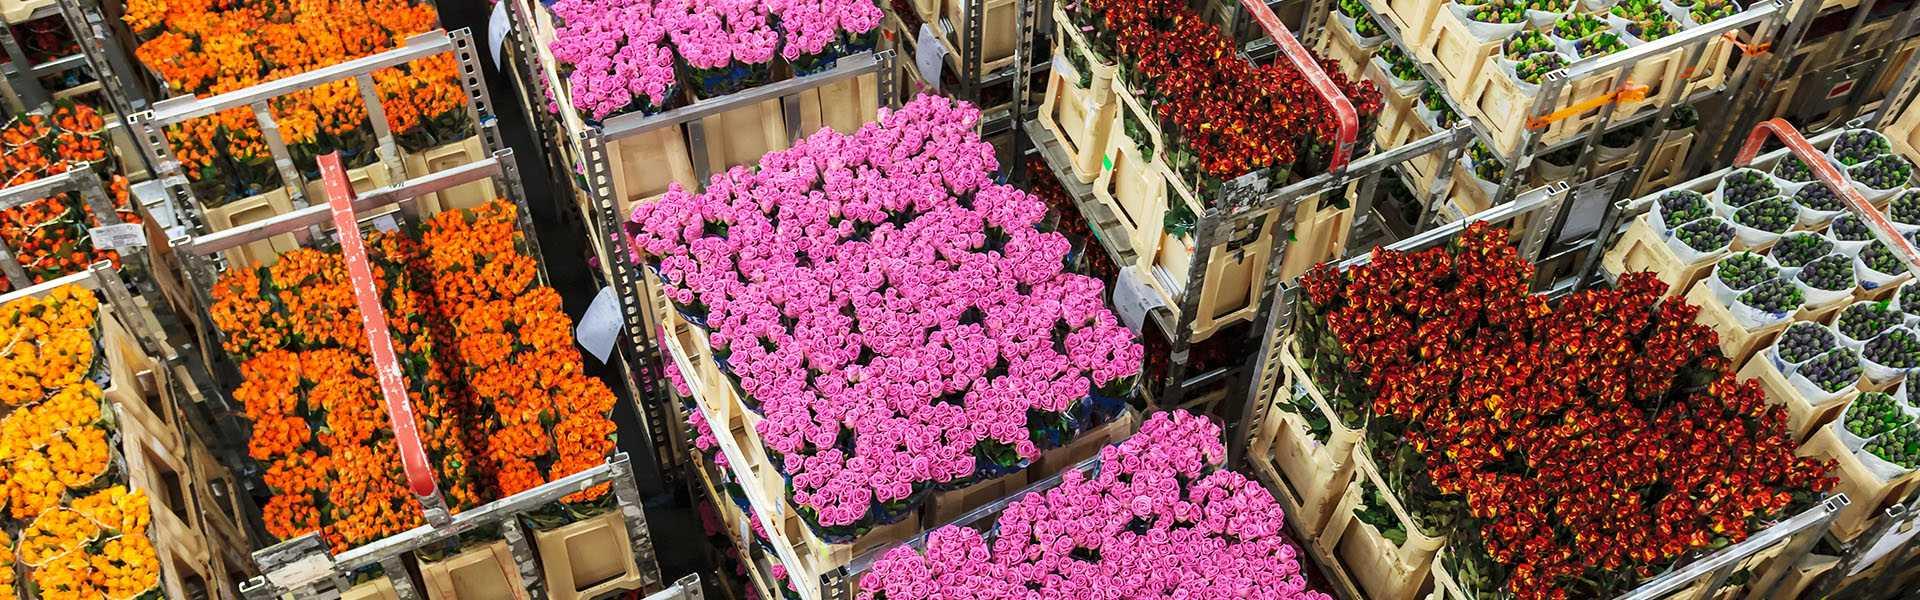 uvoz-i-veleprodaja-cvijeca-vita-flos